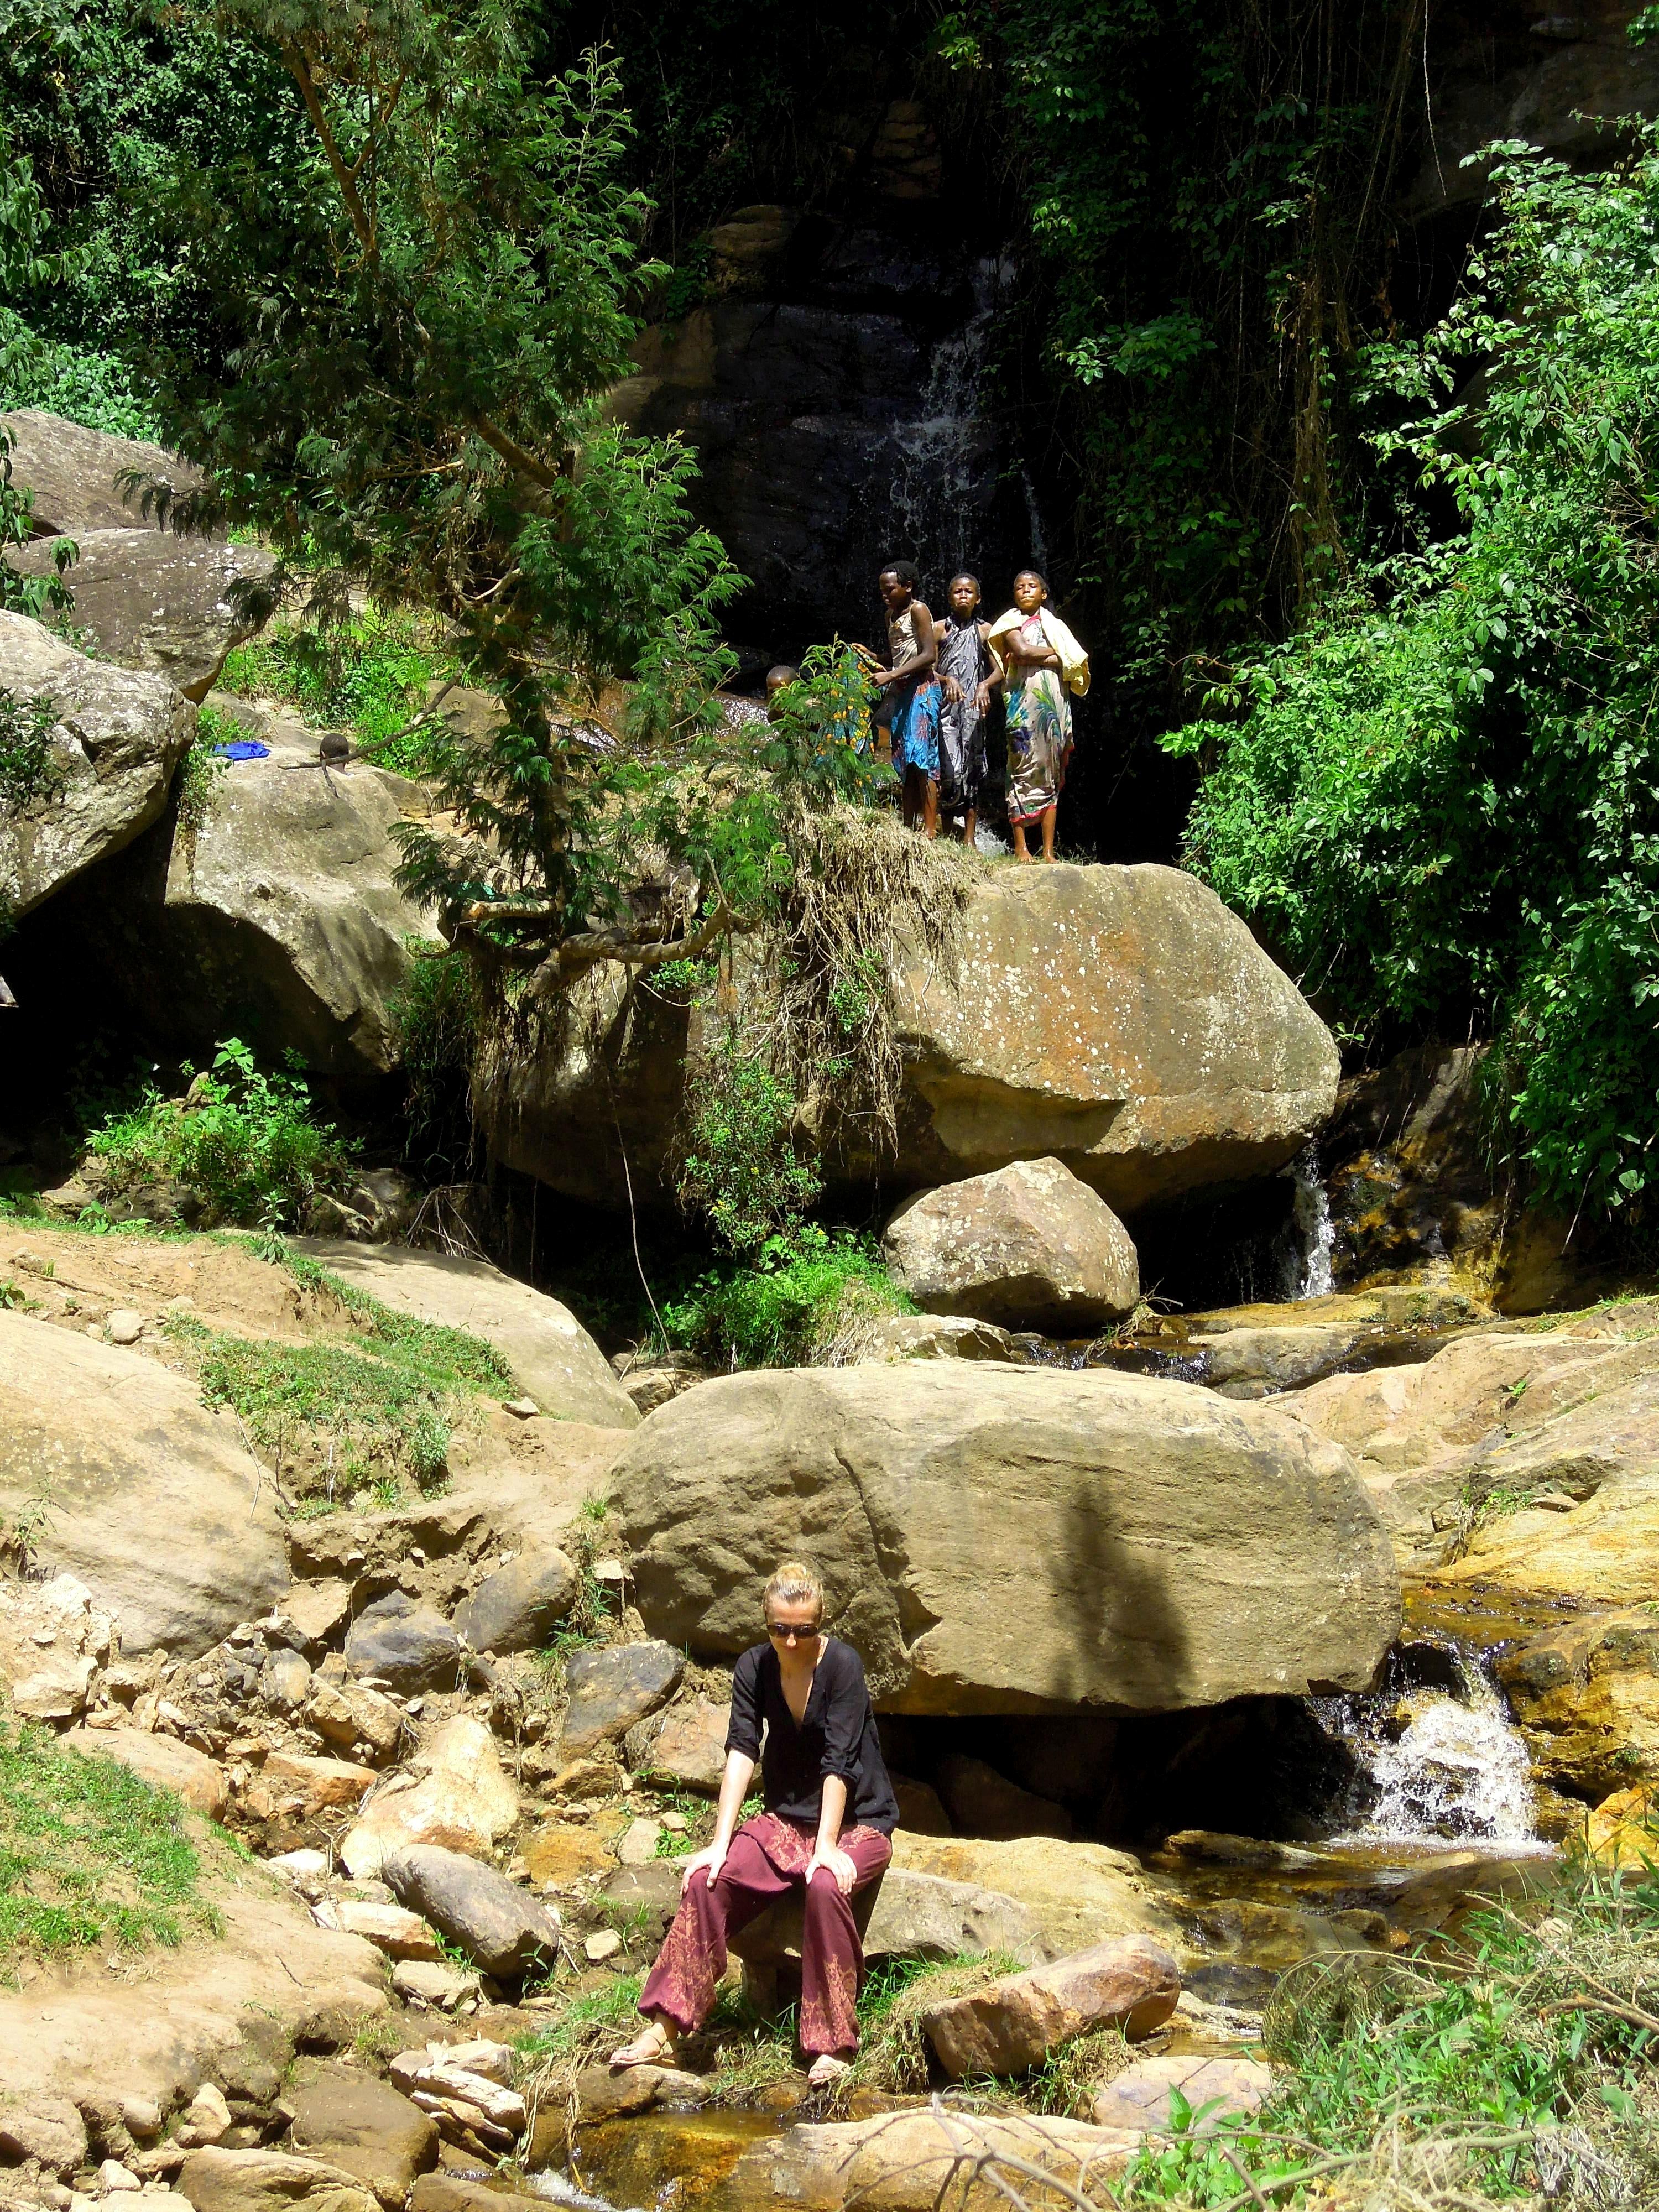 Obserwują intruza, Góry Usambara, Tanzania, fot. M. Lehrmann